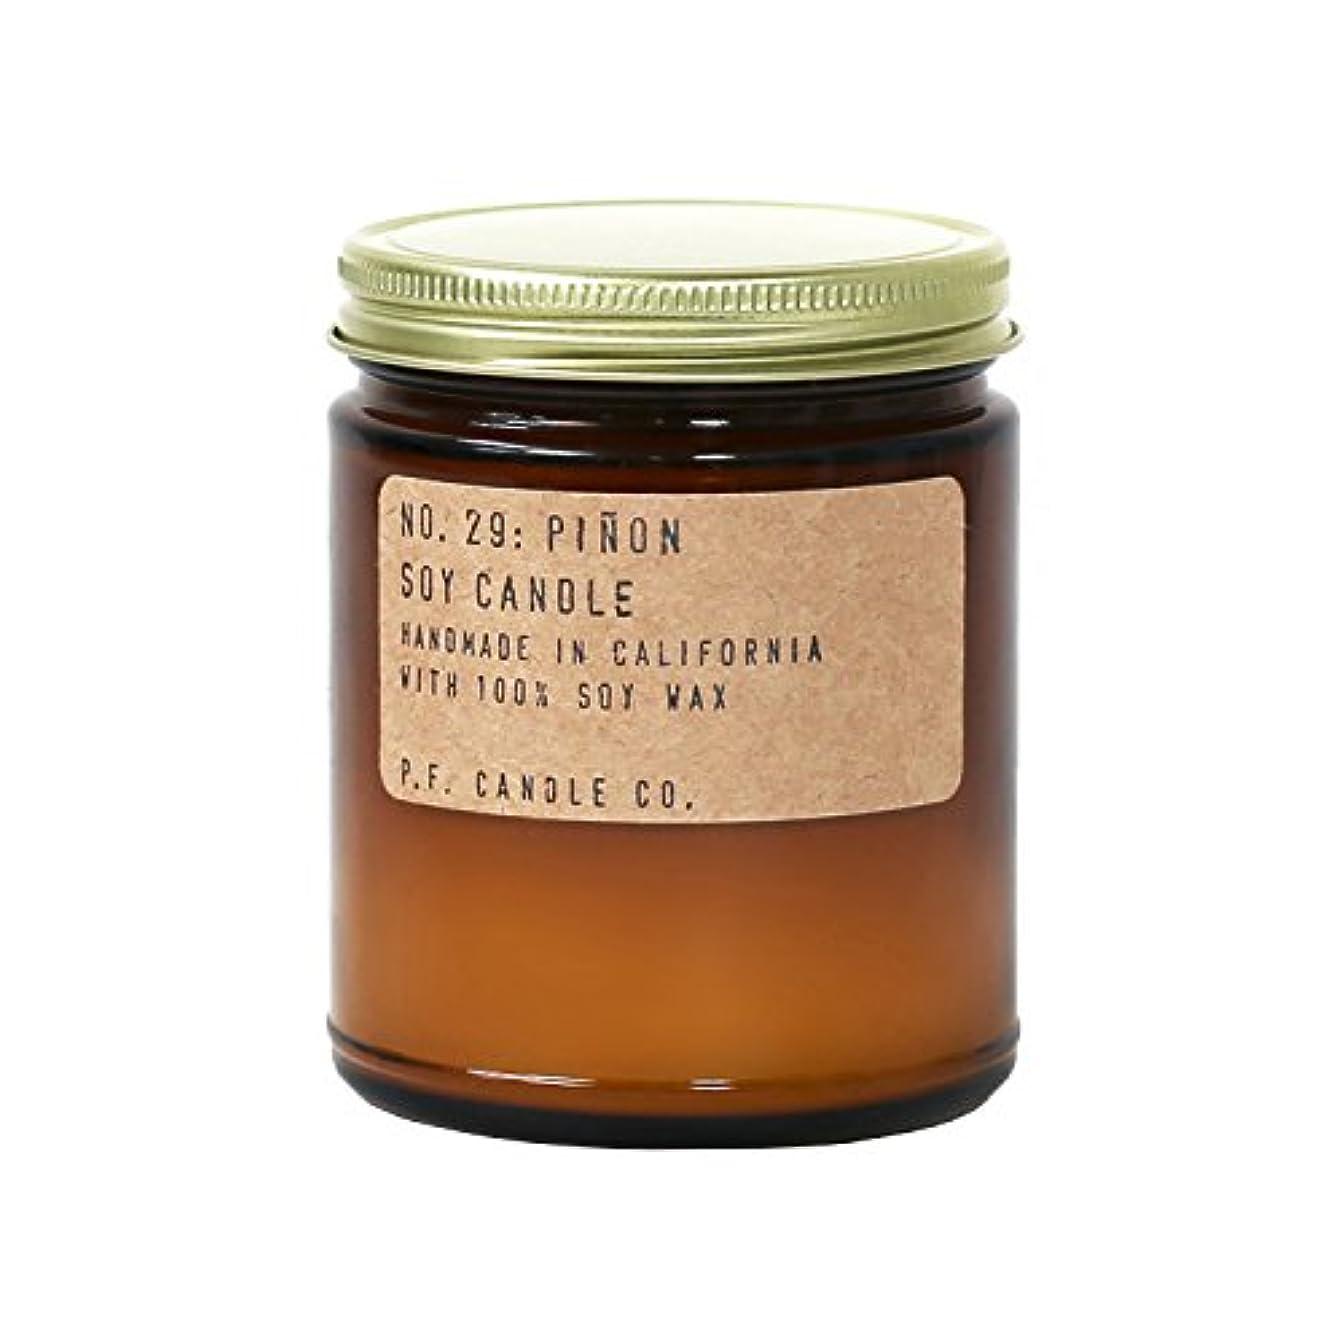 五花婿温帯p.f. Candle Co。 – No。29 : Piñon Soy Candle 7.2 oz